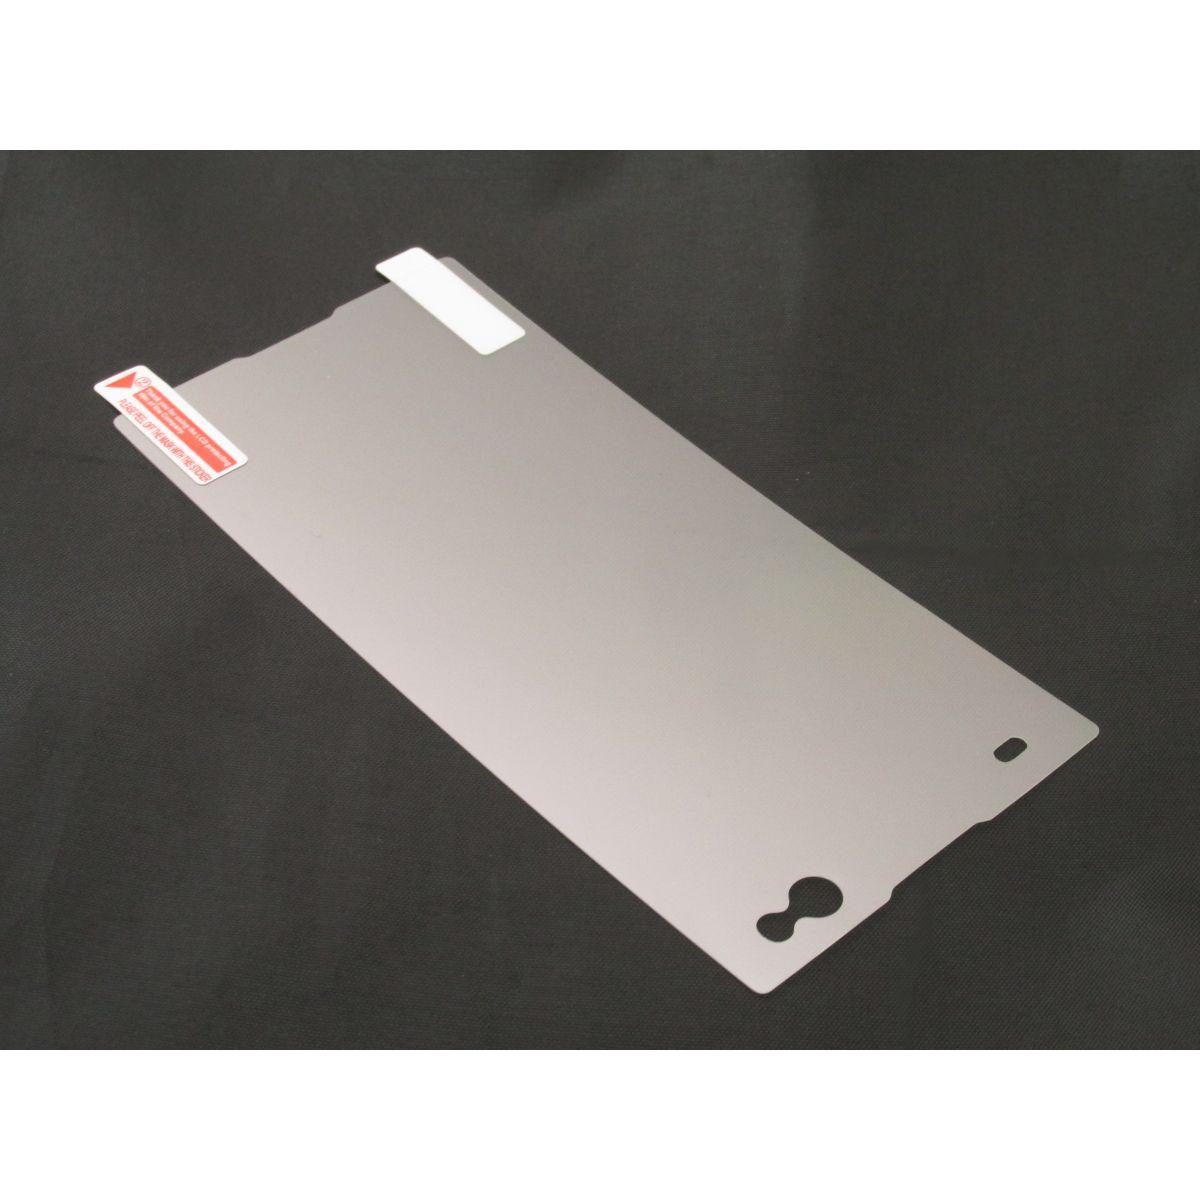 Pelicula Protetora Sony Xperia C3 D2533 D2502 Transparente